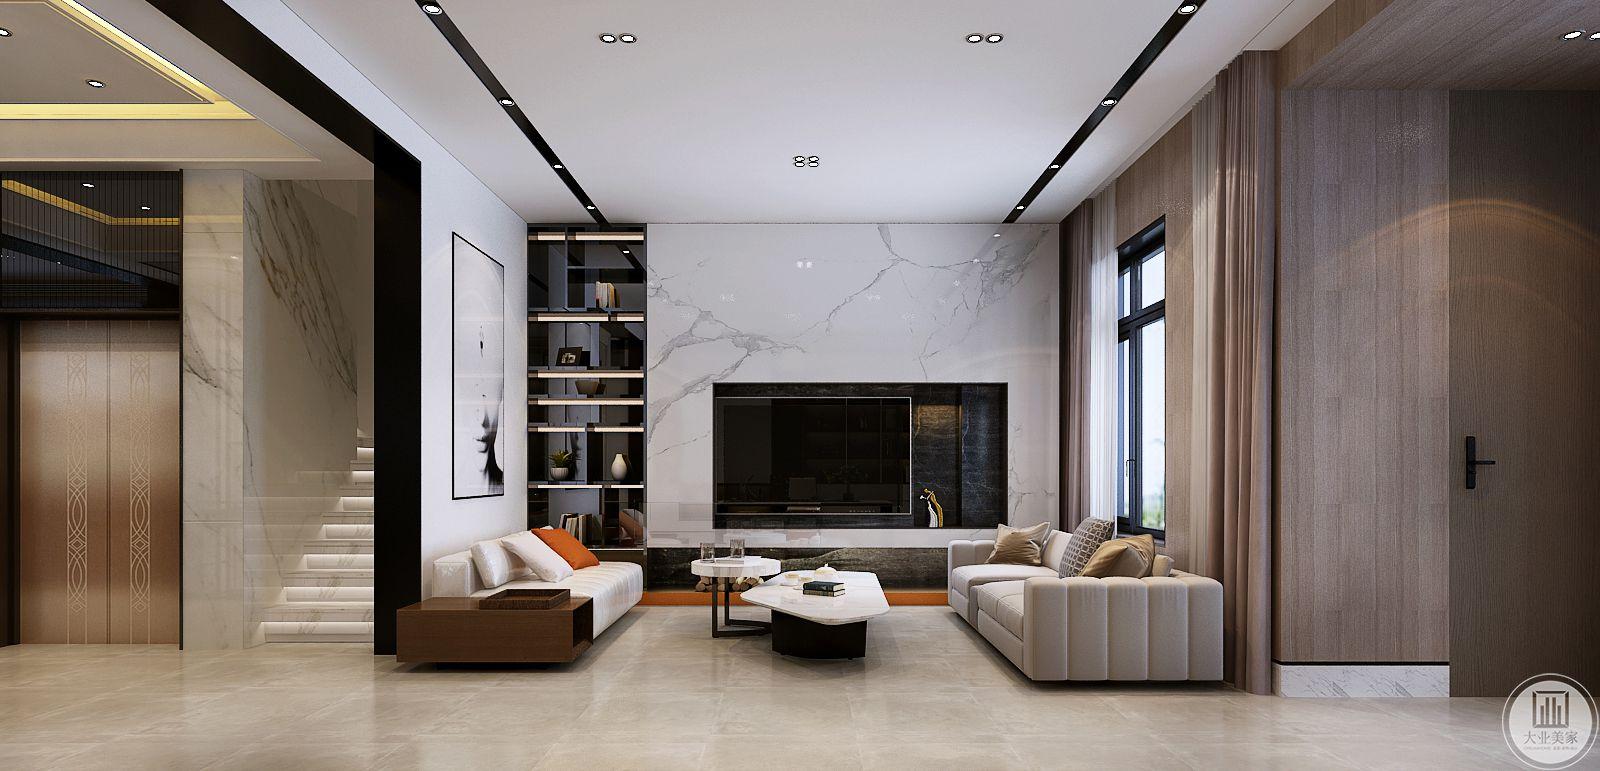 影视墙采用白色大理石,电视机所在的位置以及附近的小部分掏空,形成自然的收纳空间。